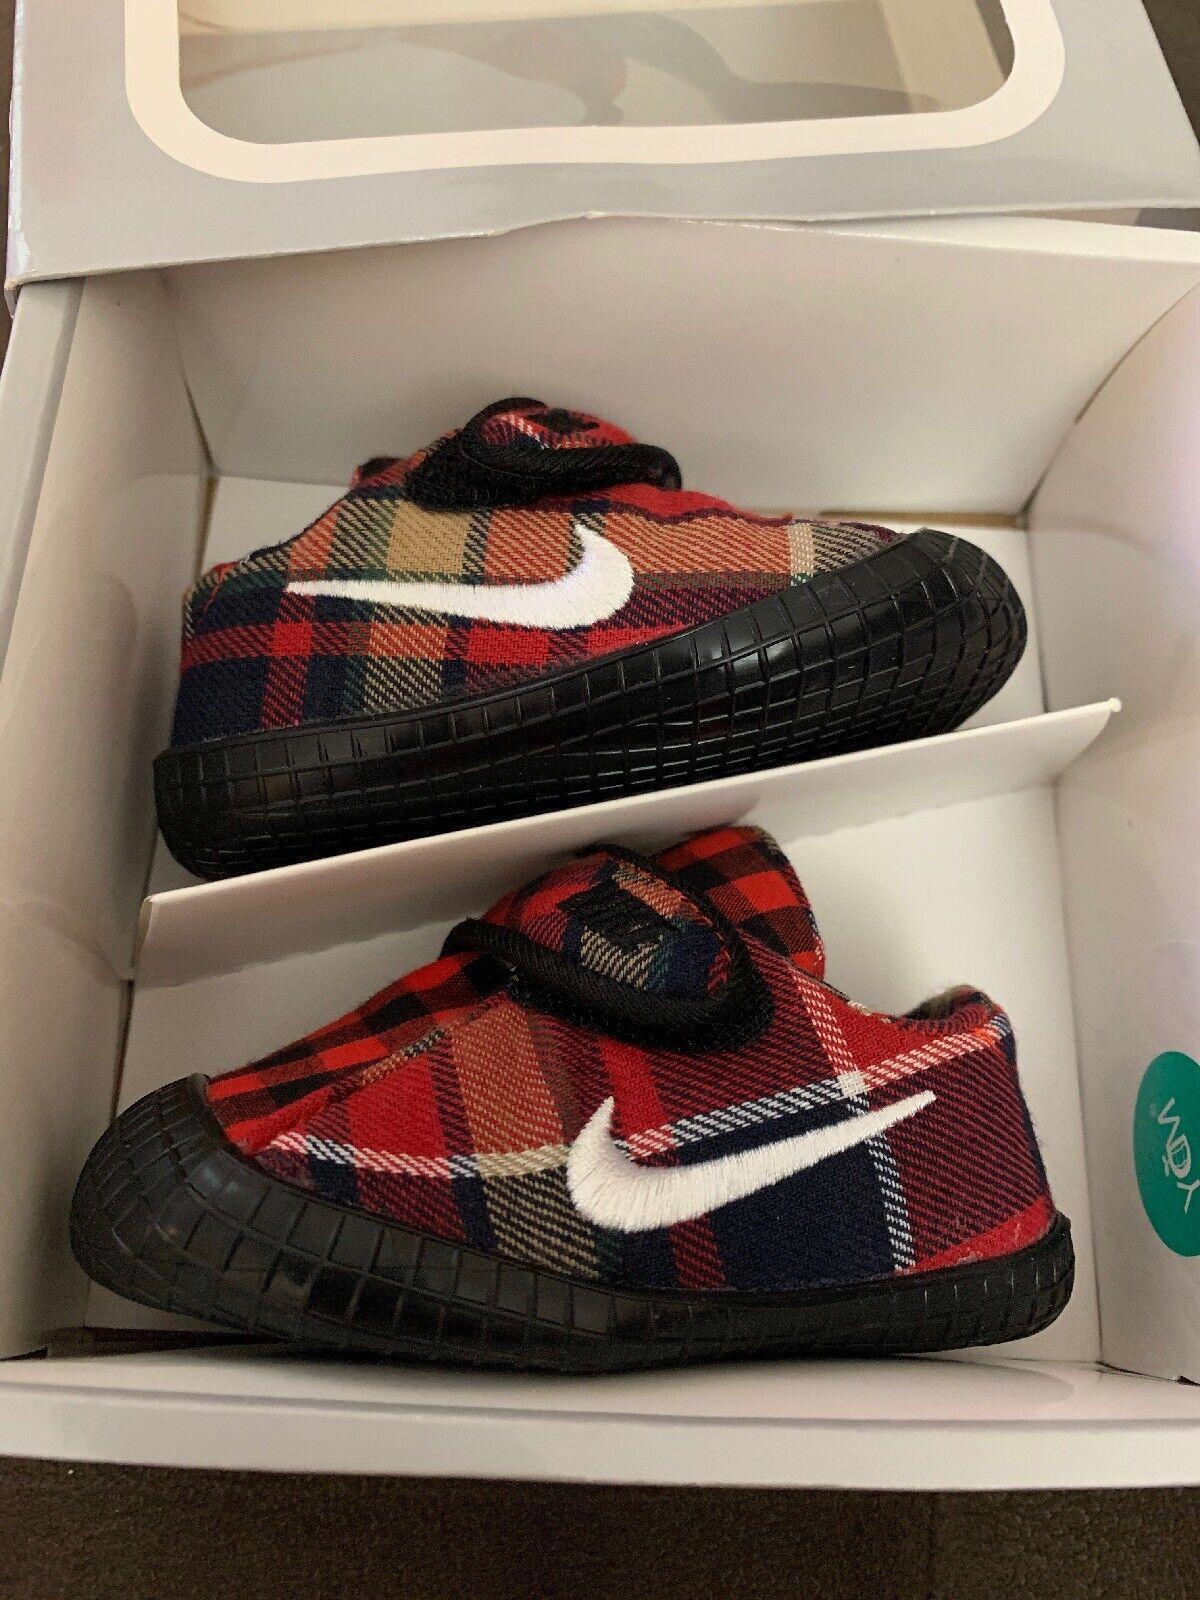 BABY BOYS: Nike Waffle 1 Shoes, Plaid - Size 2C 845126-002